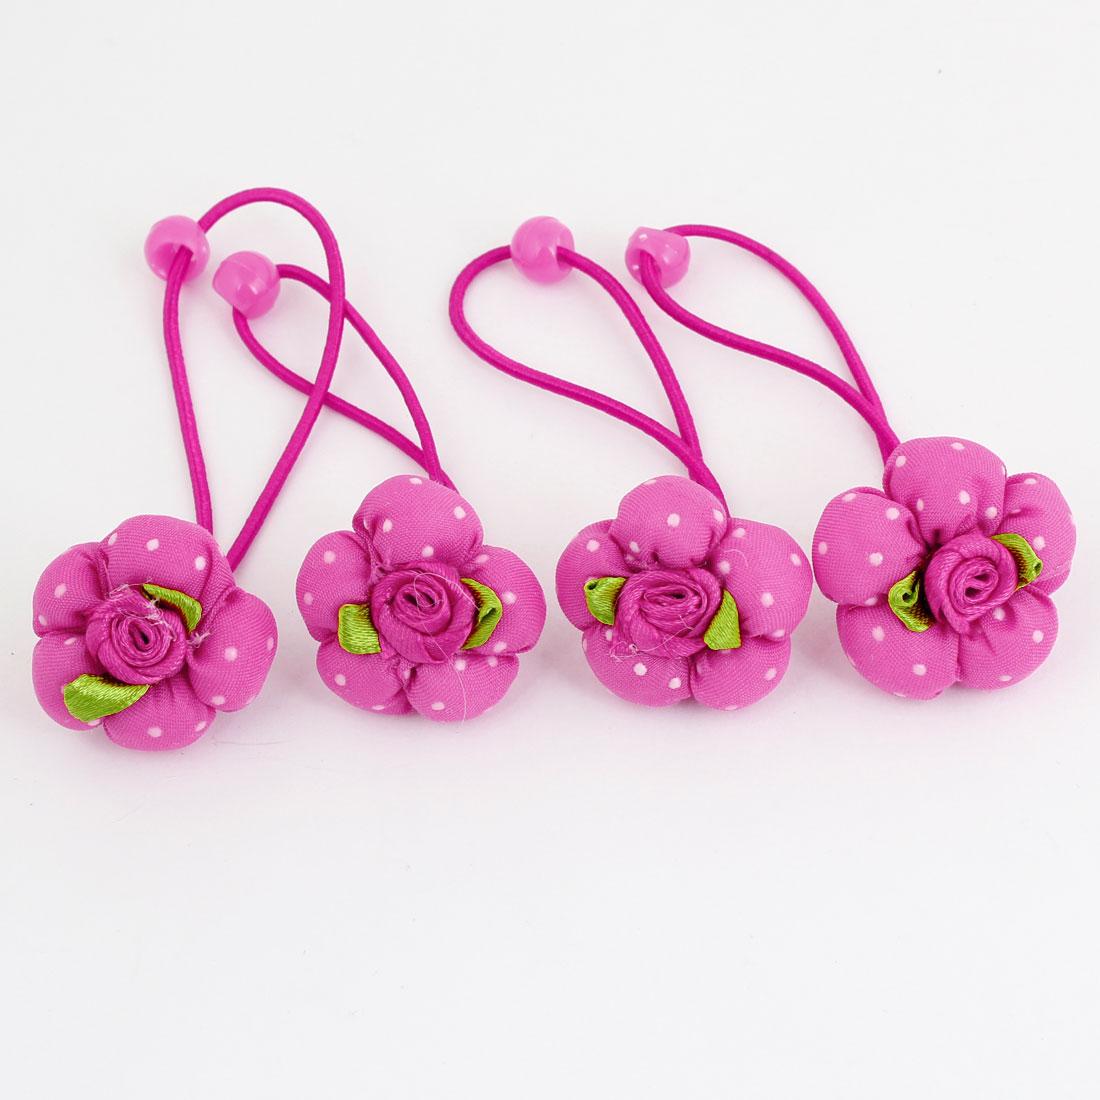 4 x Fuchsia Flower Rose Accent Stretch Hair Tie Ponytail Braid Holder for Girls